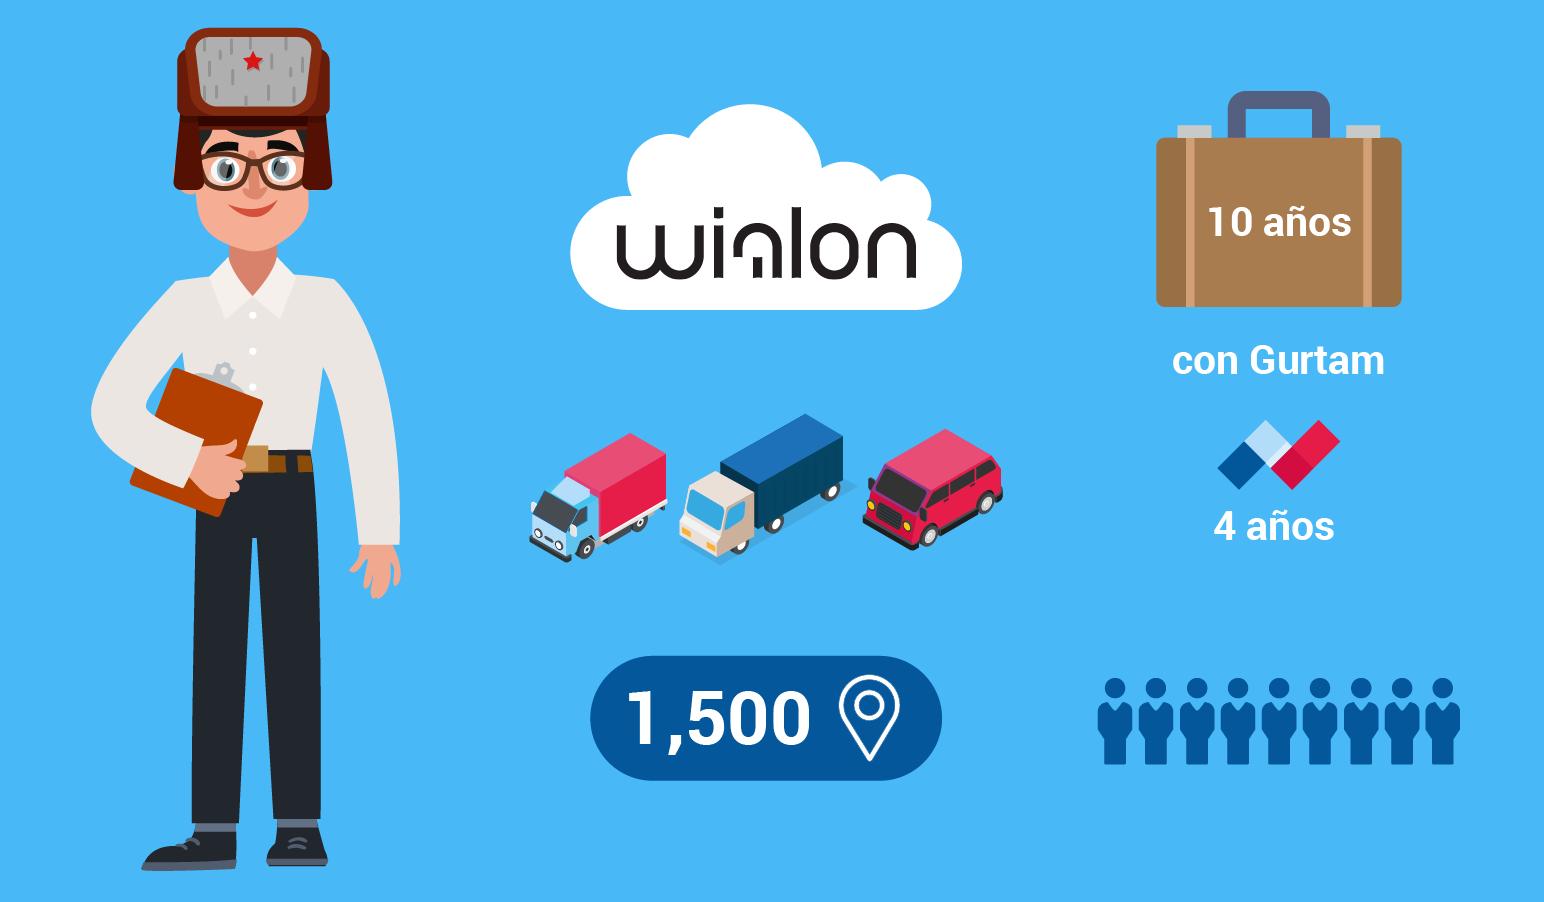 Dato 1. Un socio típico de Gurtam es usuario de Wialon Hosting de Rusia con 10 años de experiencia en gestión de negocios